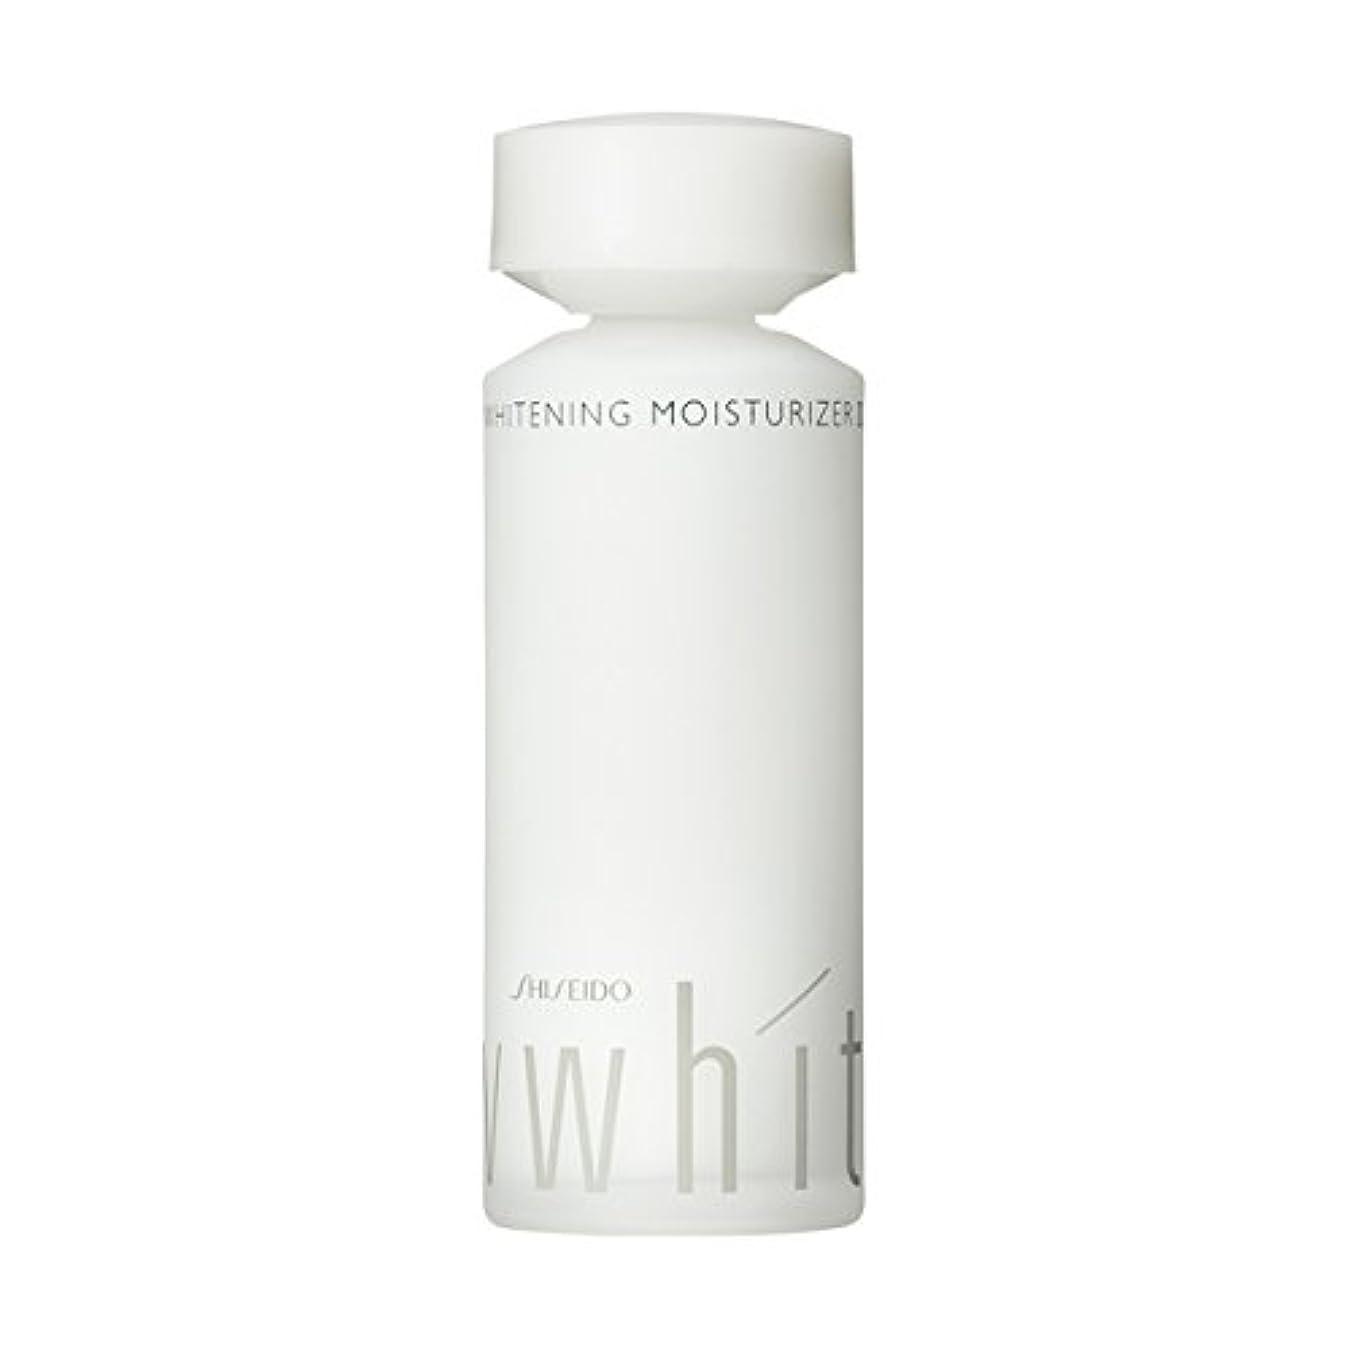 応用しっかり接続詞UVホワイト ホワイトニング モイスチャーライザー 2 100mL 【医薬部外品】